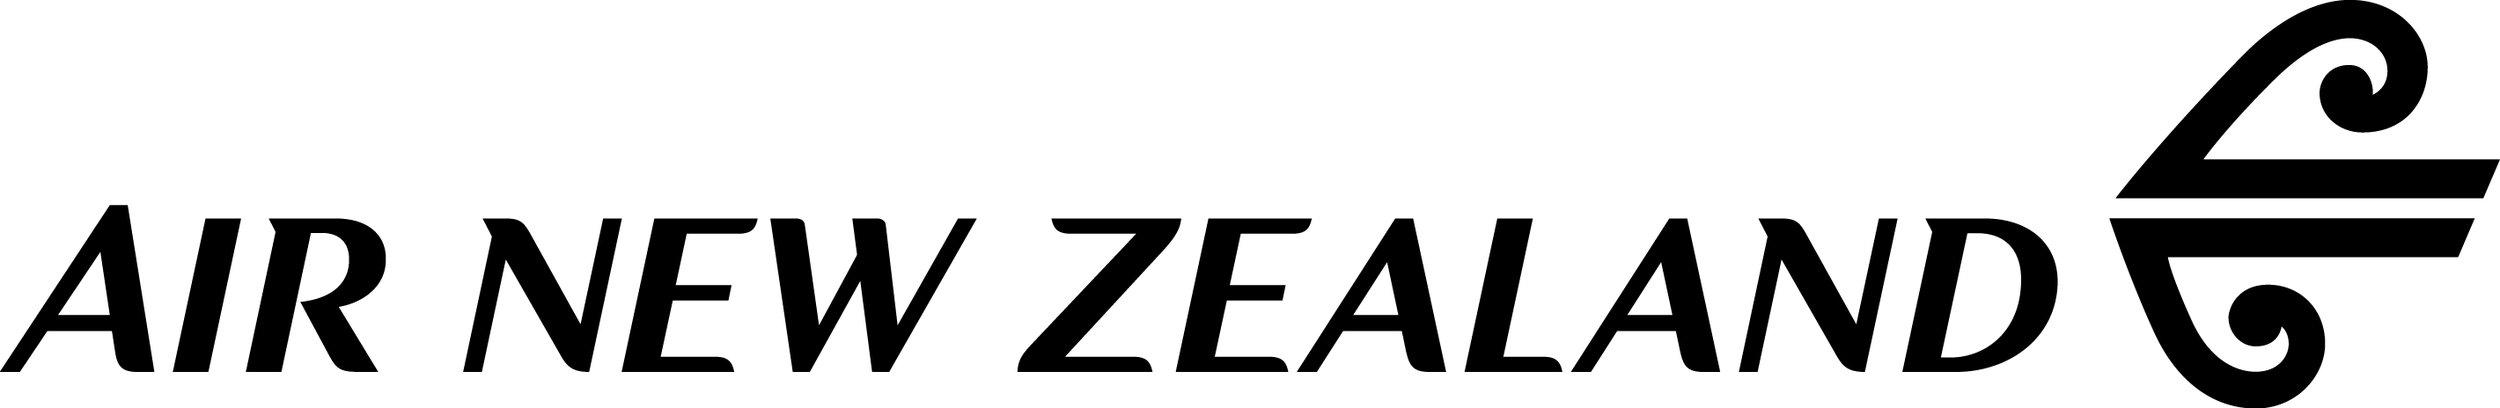 AirNZ Wordmark Black.jpg